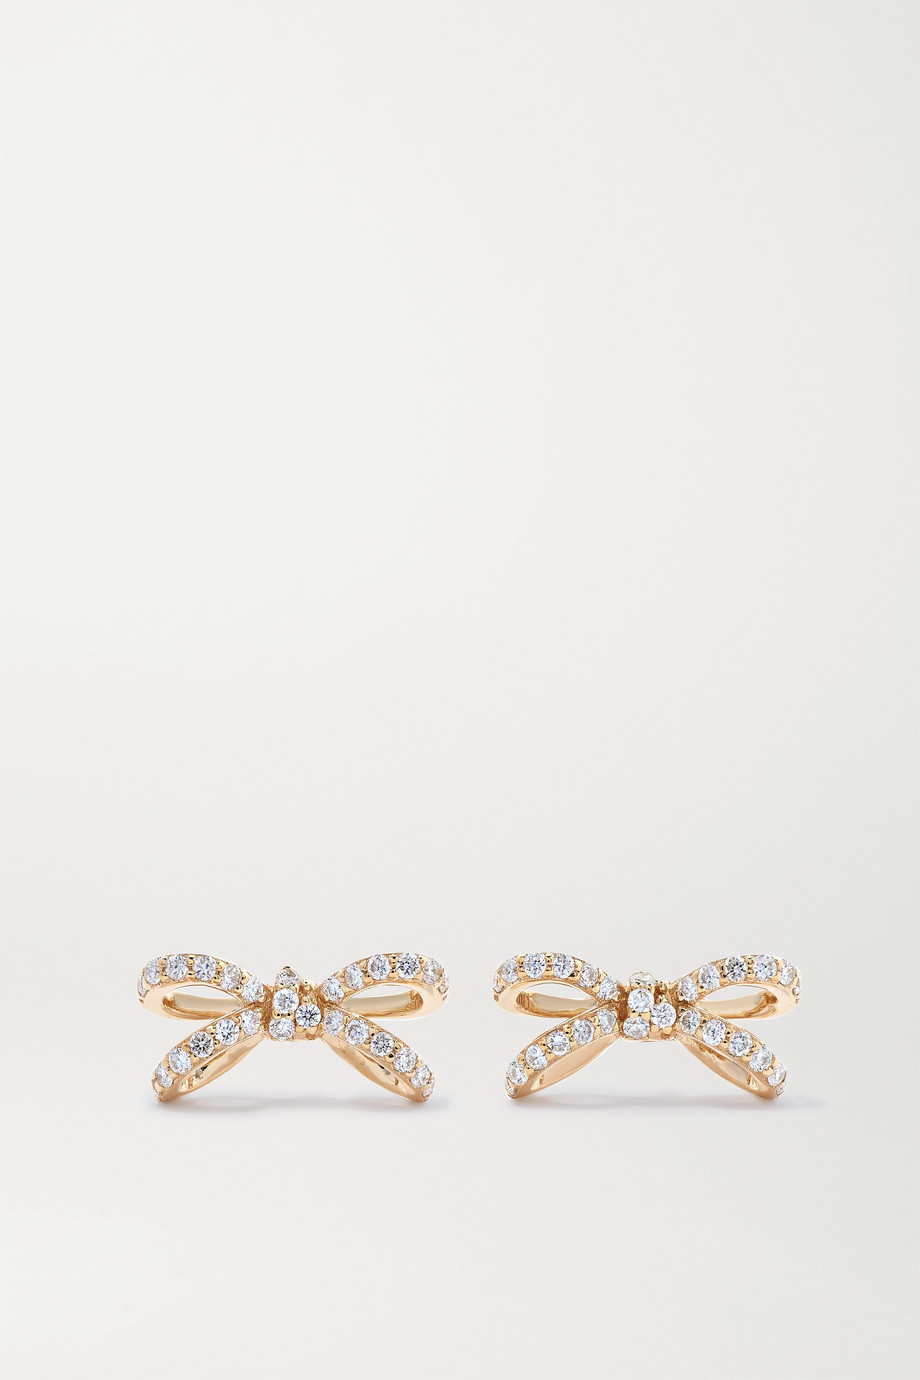 Sydney Evan Small Bow 14K 黄金钻石耳钉